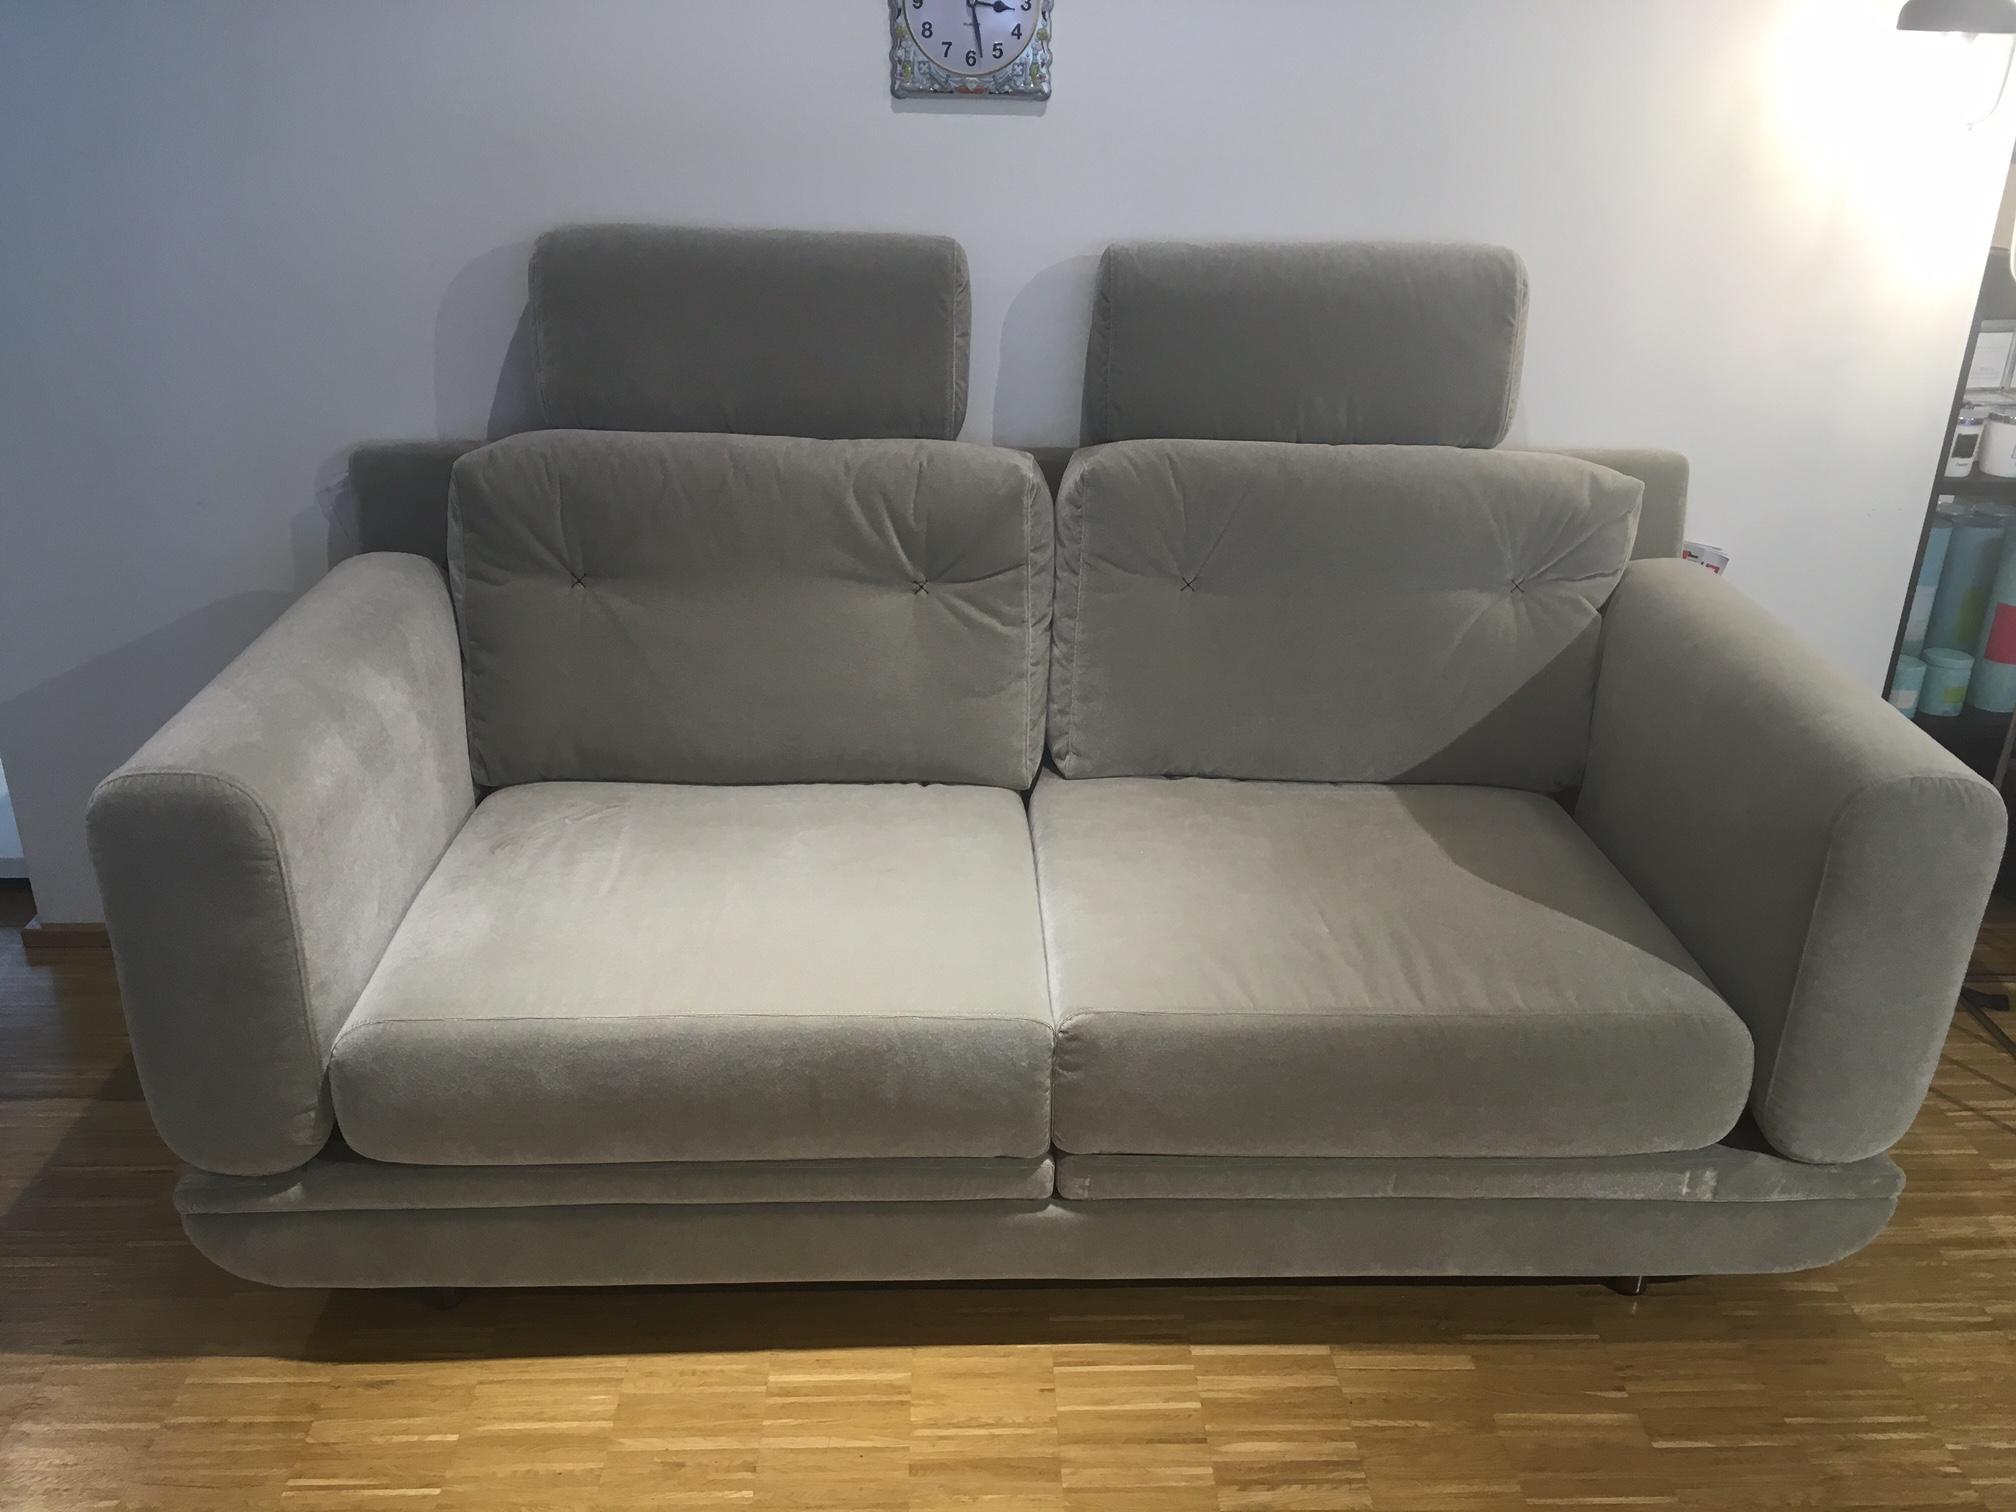 Full Size of Kchen Und Wohnen Sofas Ausklappbares Bett Ausklappbar Wohnzimmer Couch Ausklappbar